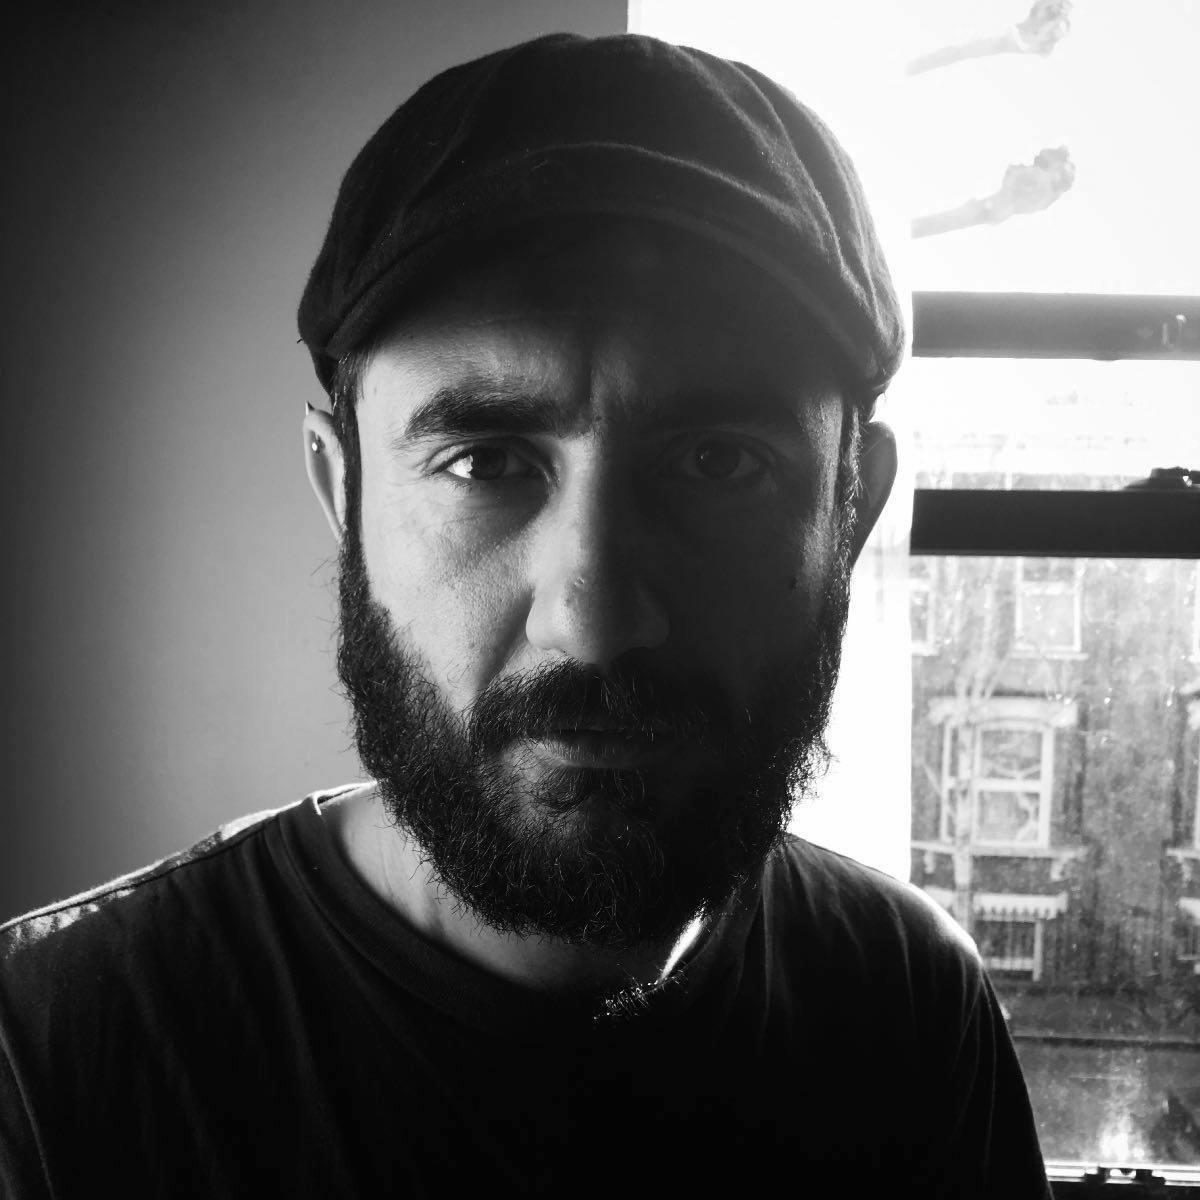 Niko Ivanovski DoP/Producer